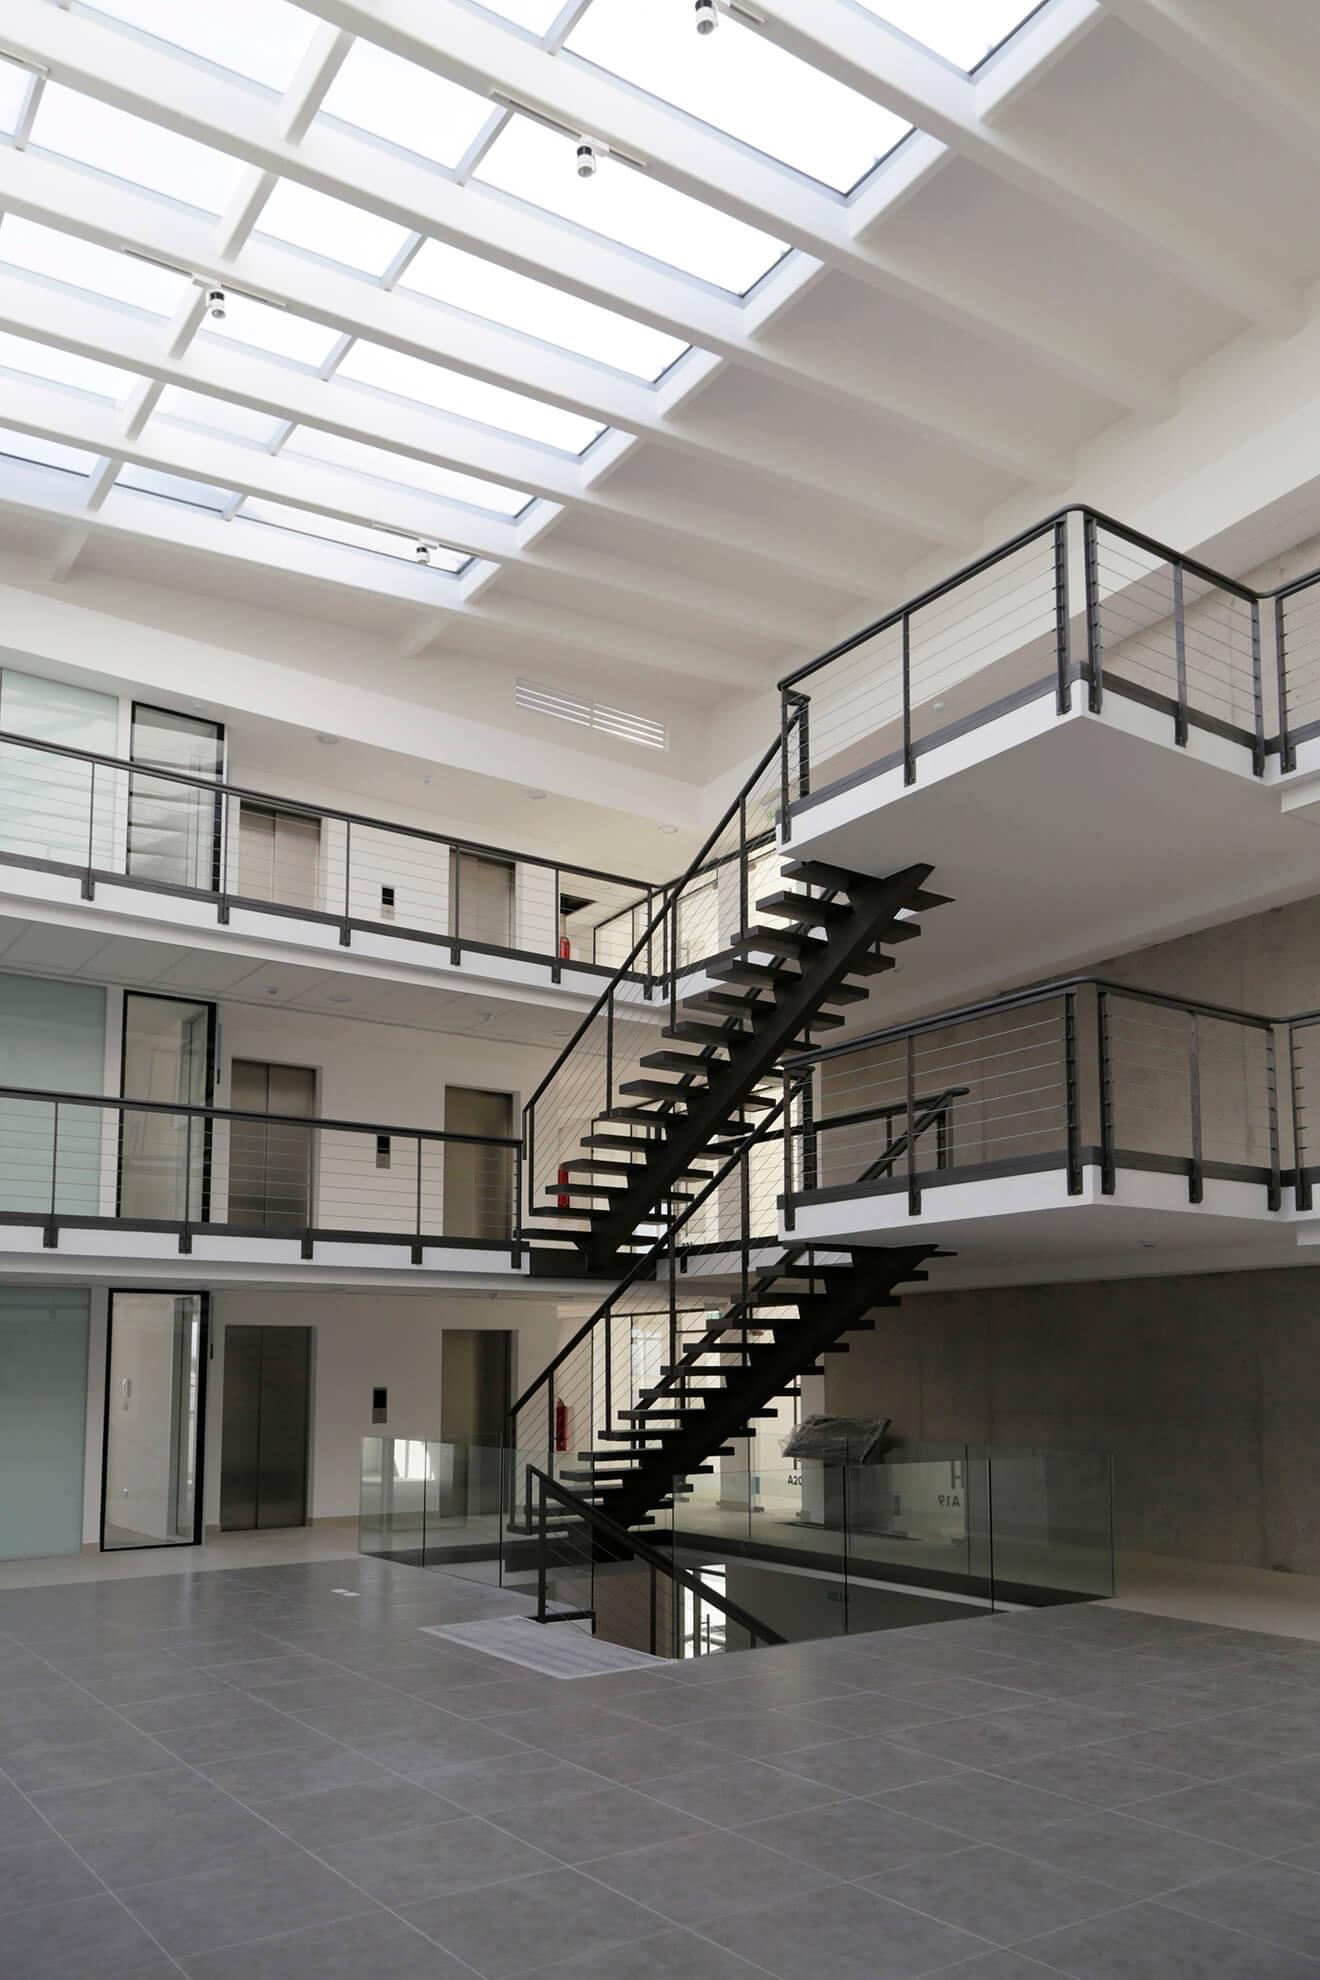 Edificio-Atrium-escaleras-construcción-constructora-Rencoret-La-Serena